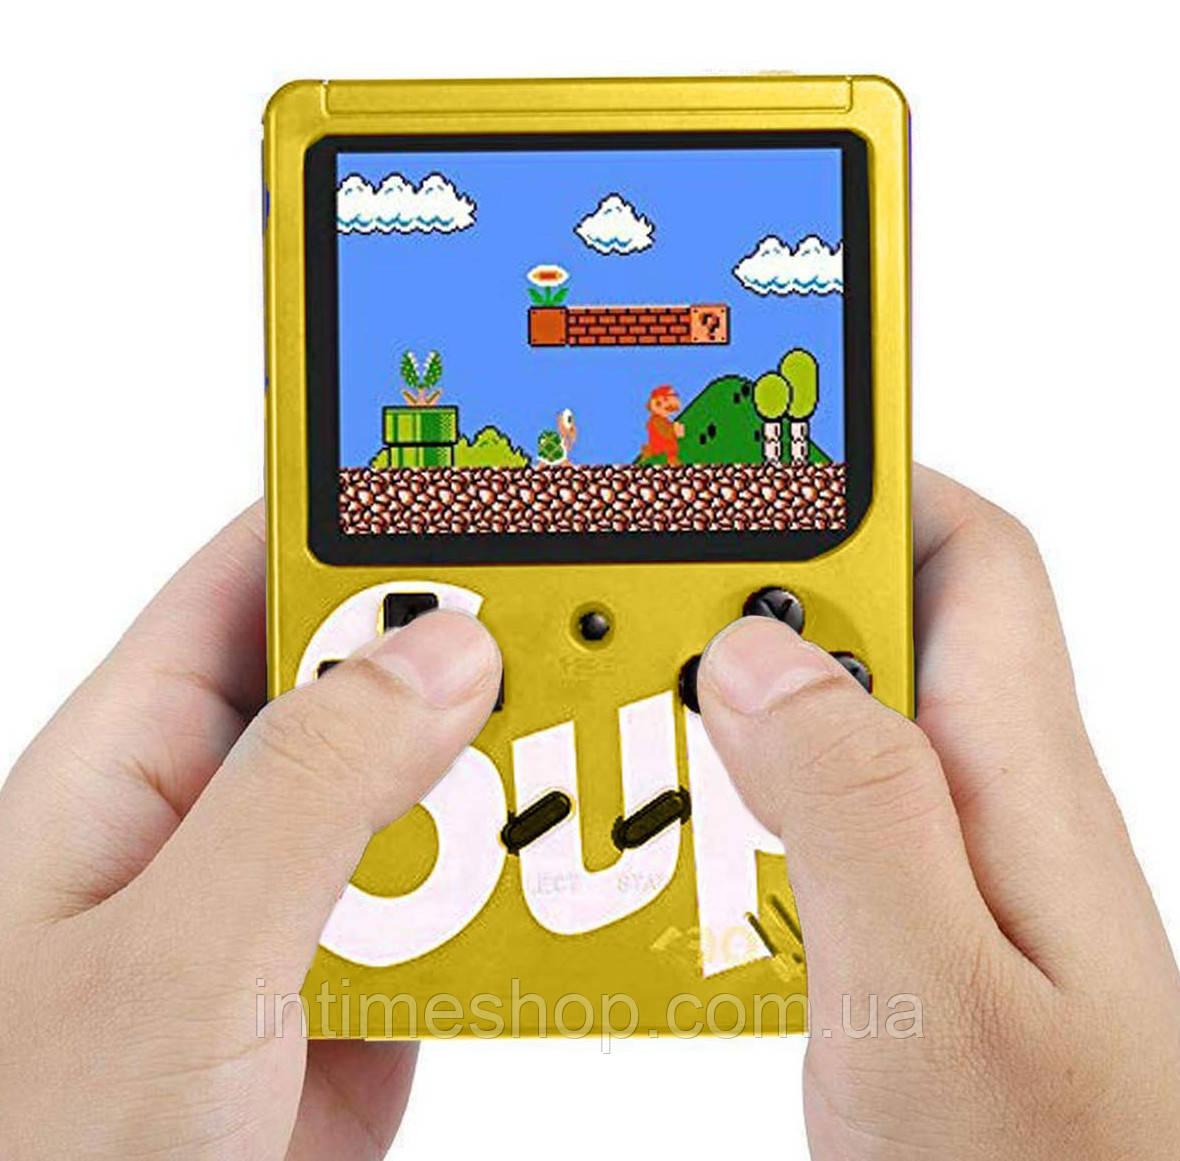 Портативная ретро консоль 8 бит приставка Денди Retro Game Box SUP 400 in 1 Желтая с доставкой